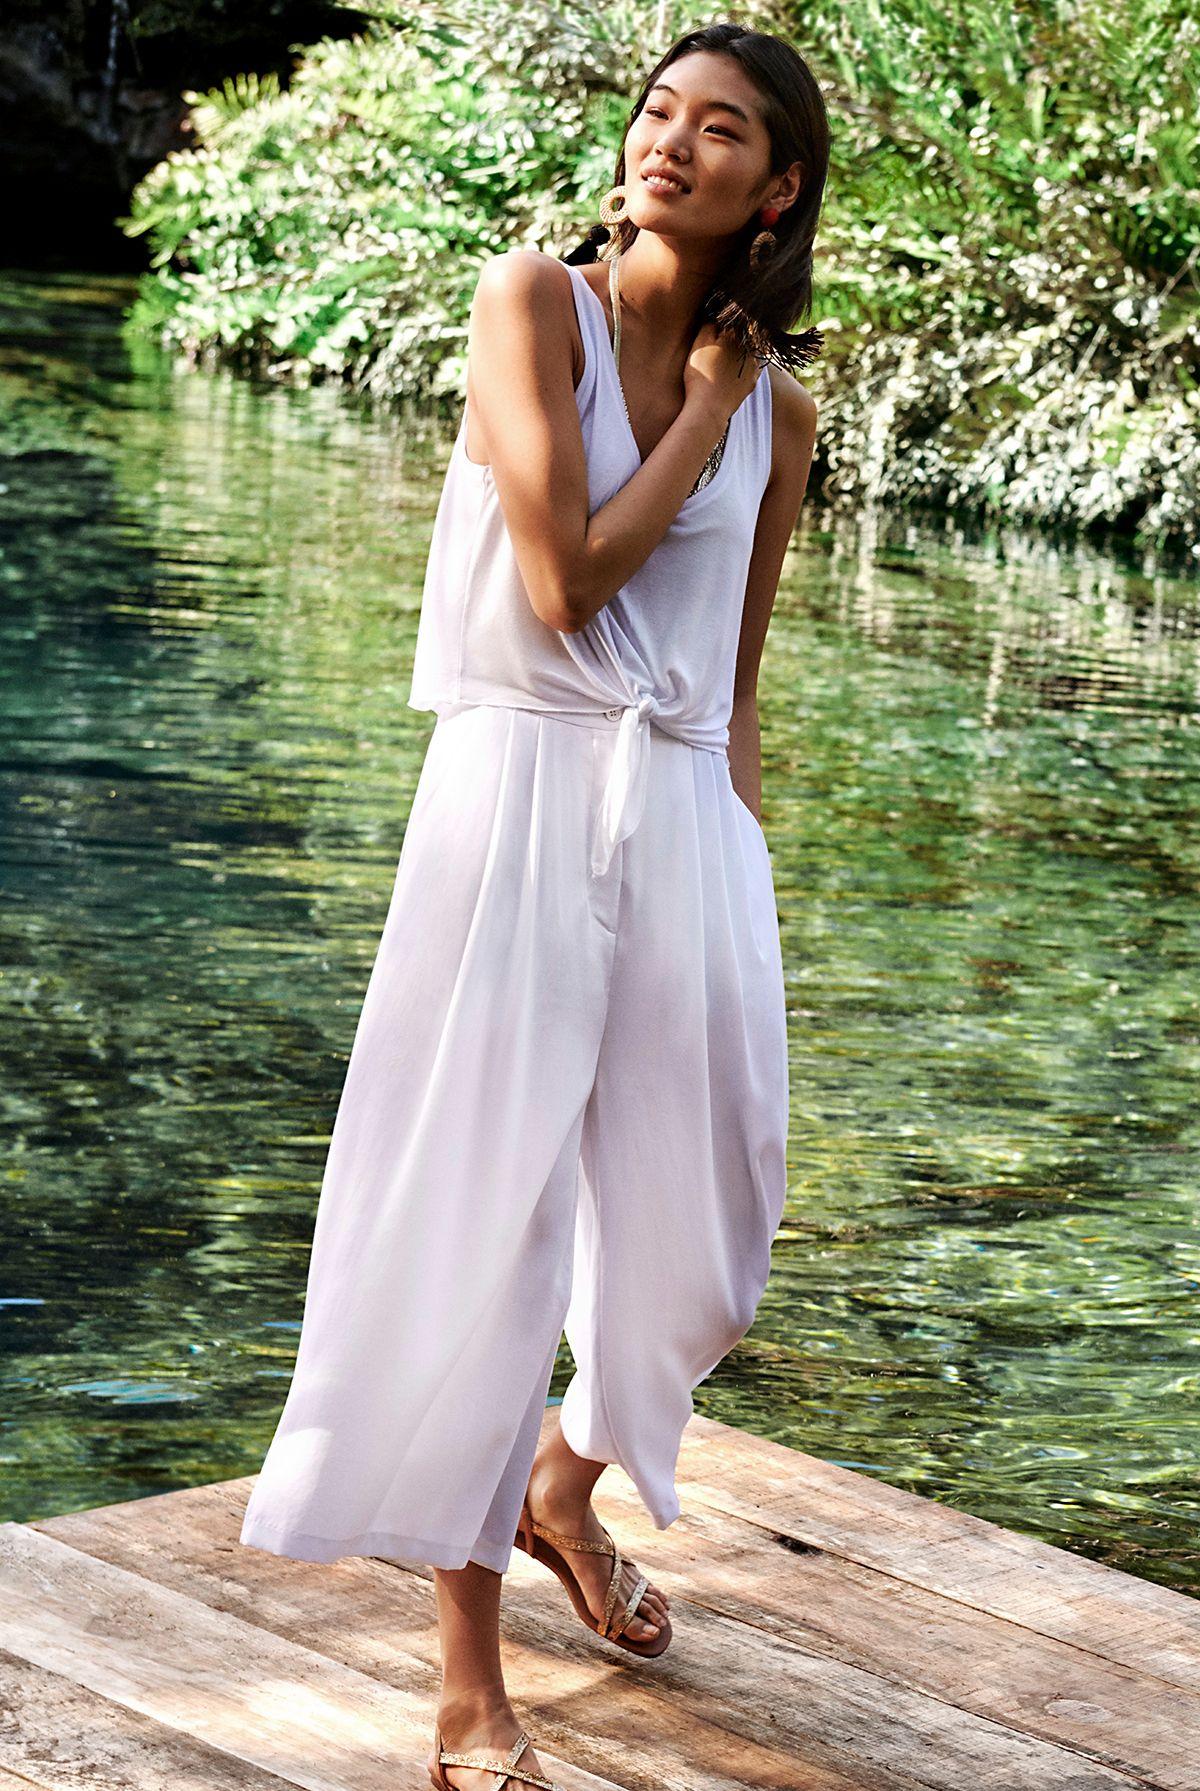 9a1036e4867 H&M moda mujer - Así es la colección de verano de H&M que te enamorará